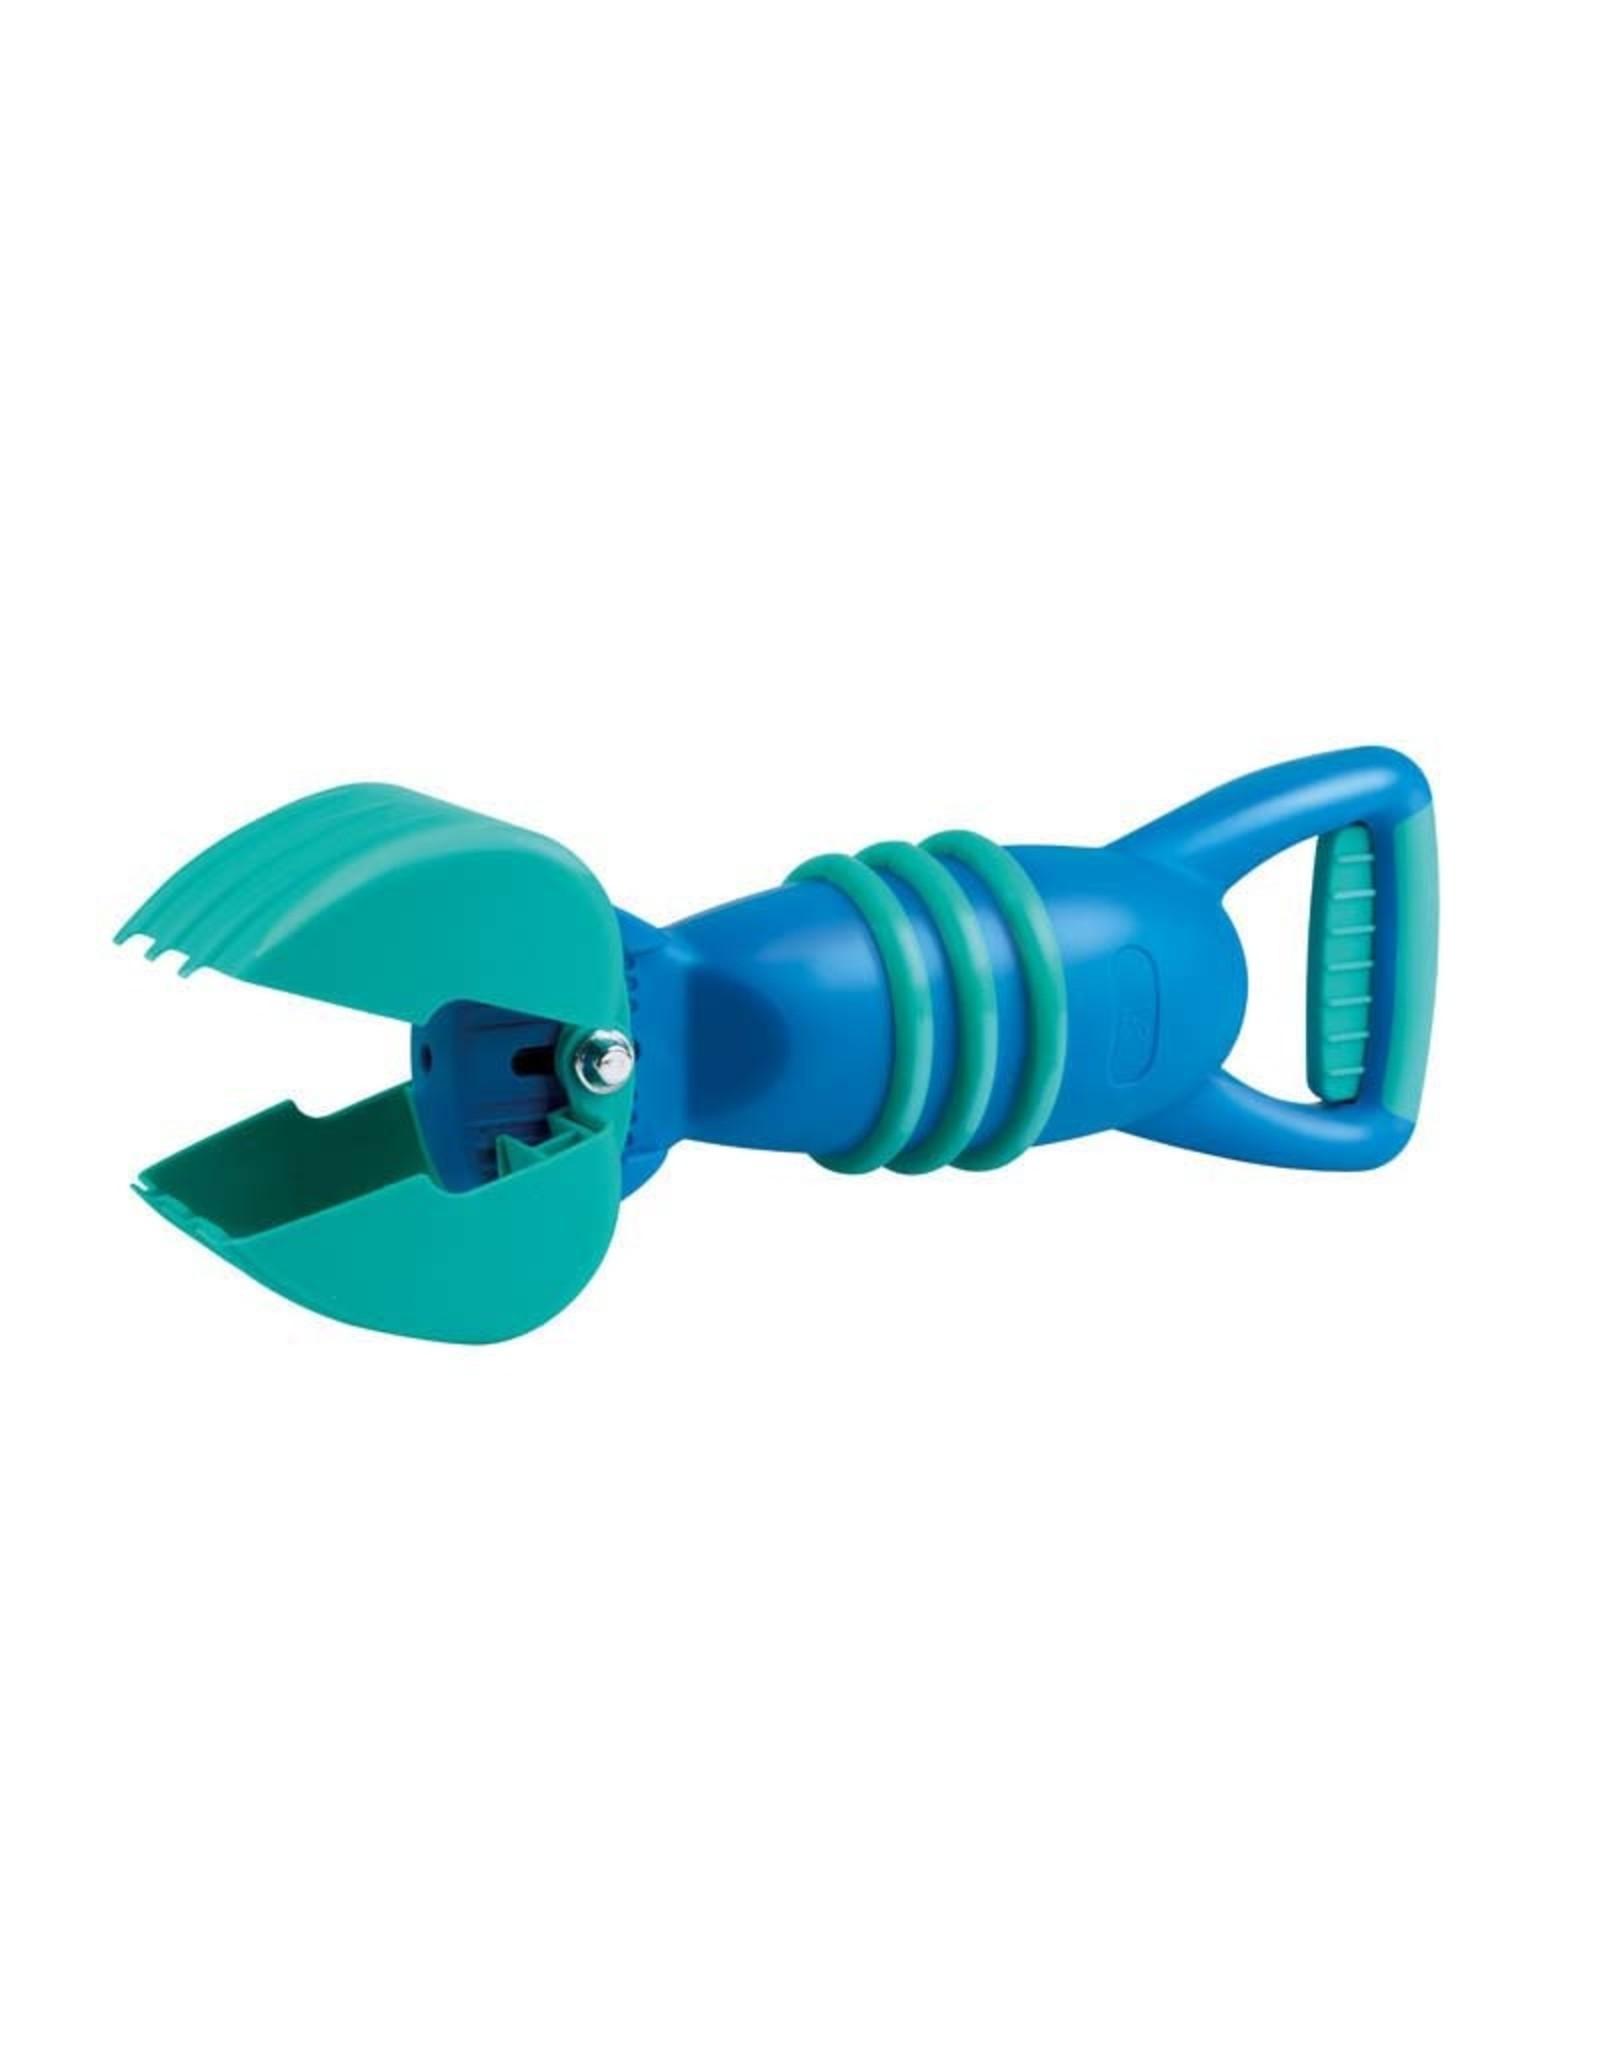 Hape Grabber Blue